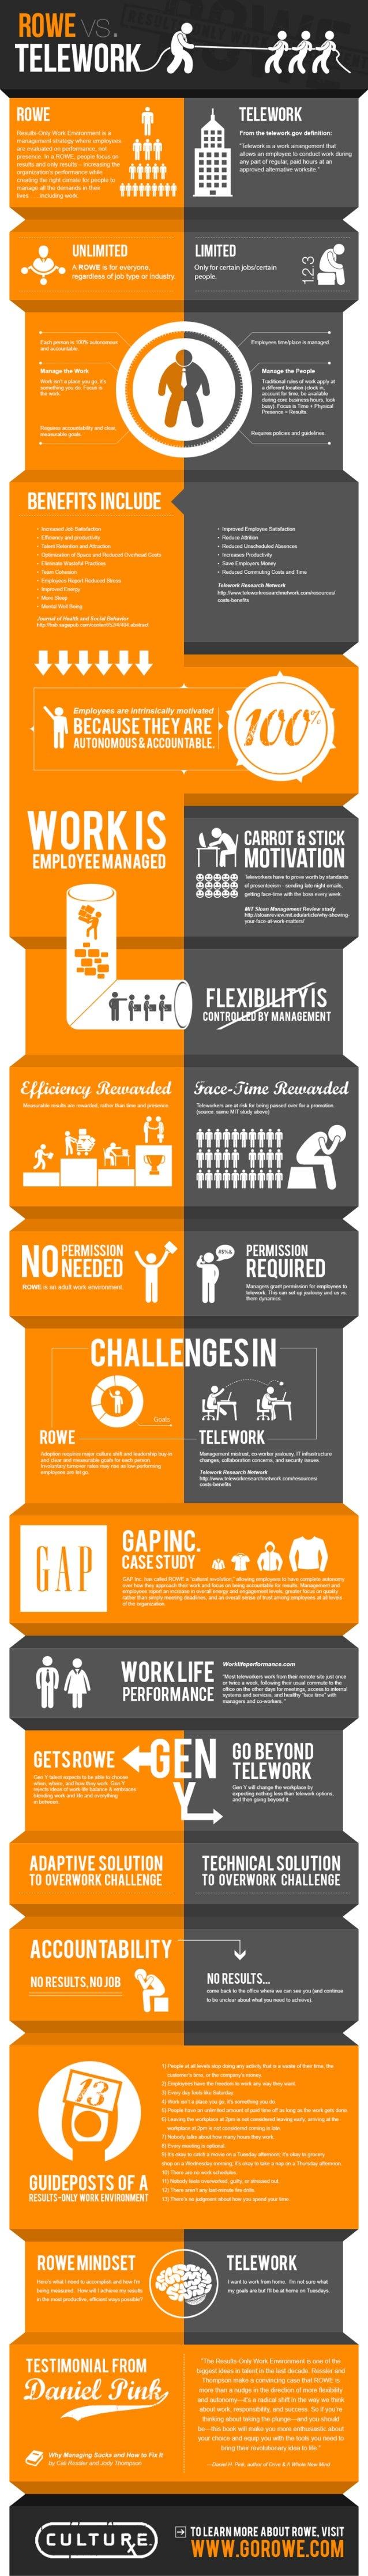 ROWE vs. Telework Infographic